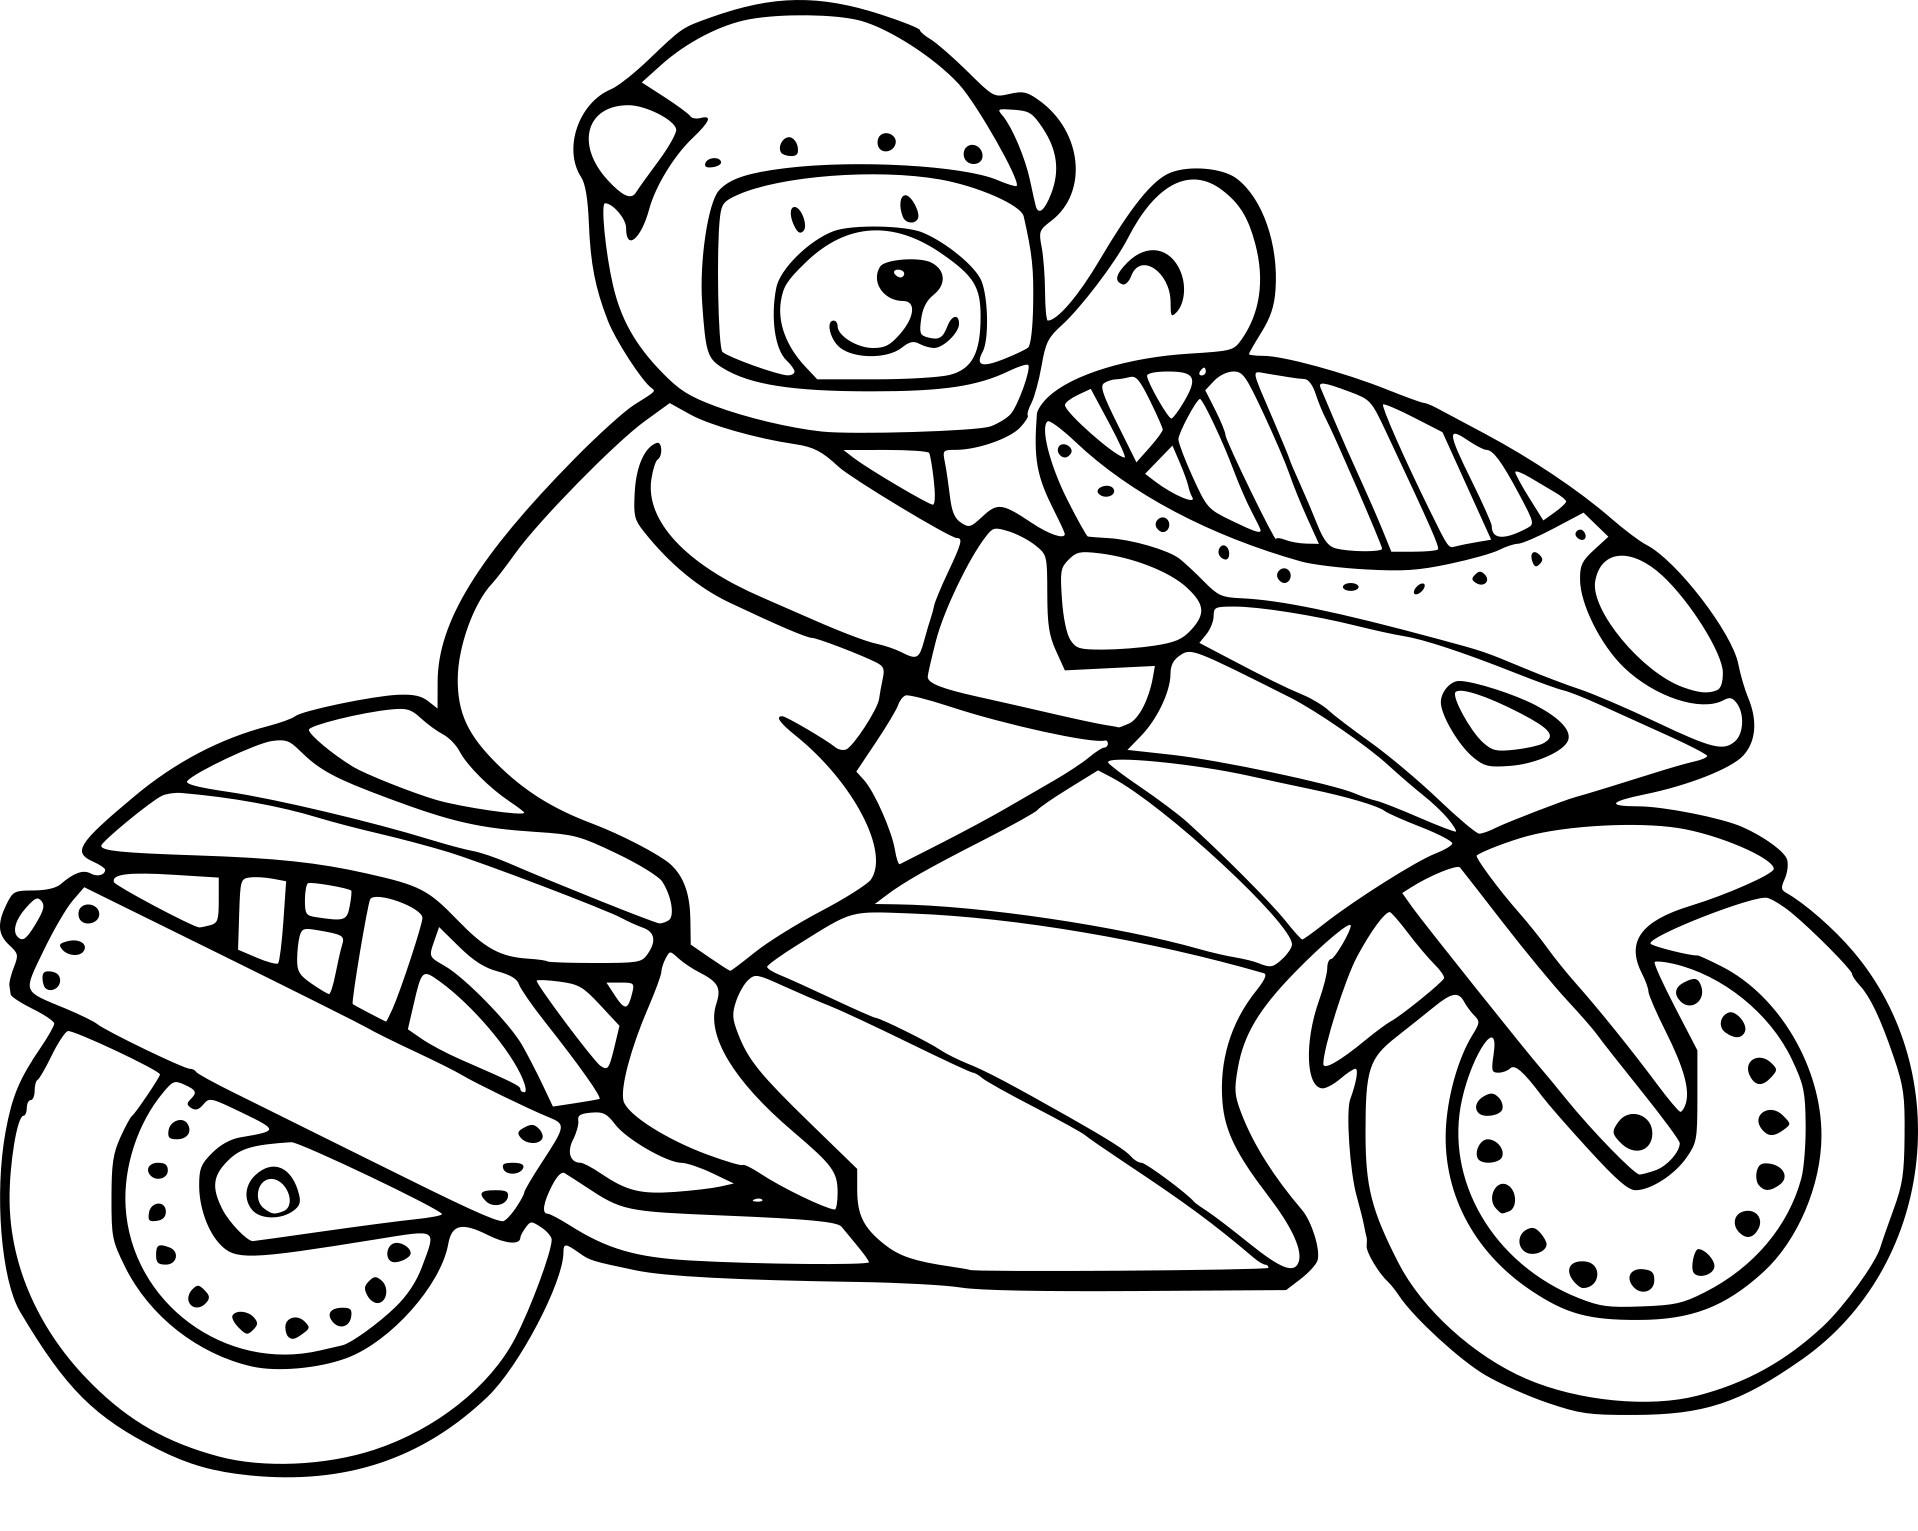 Coloriage ours en moto à imprimer